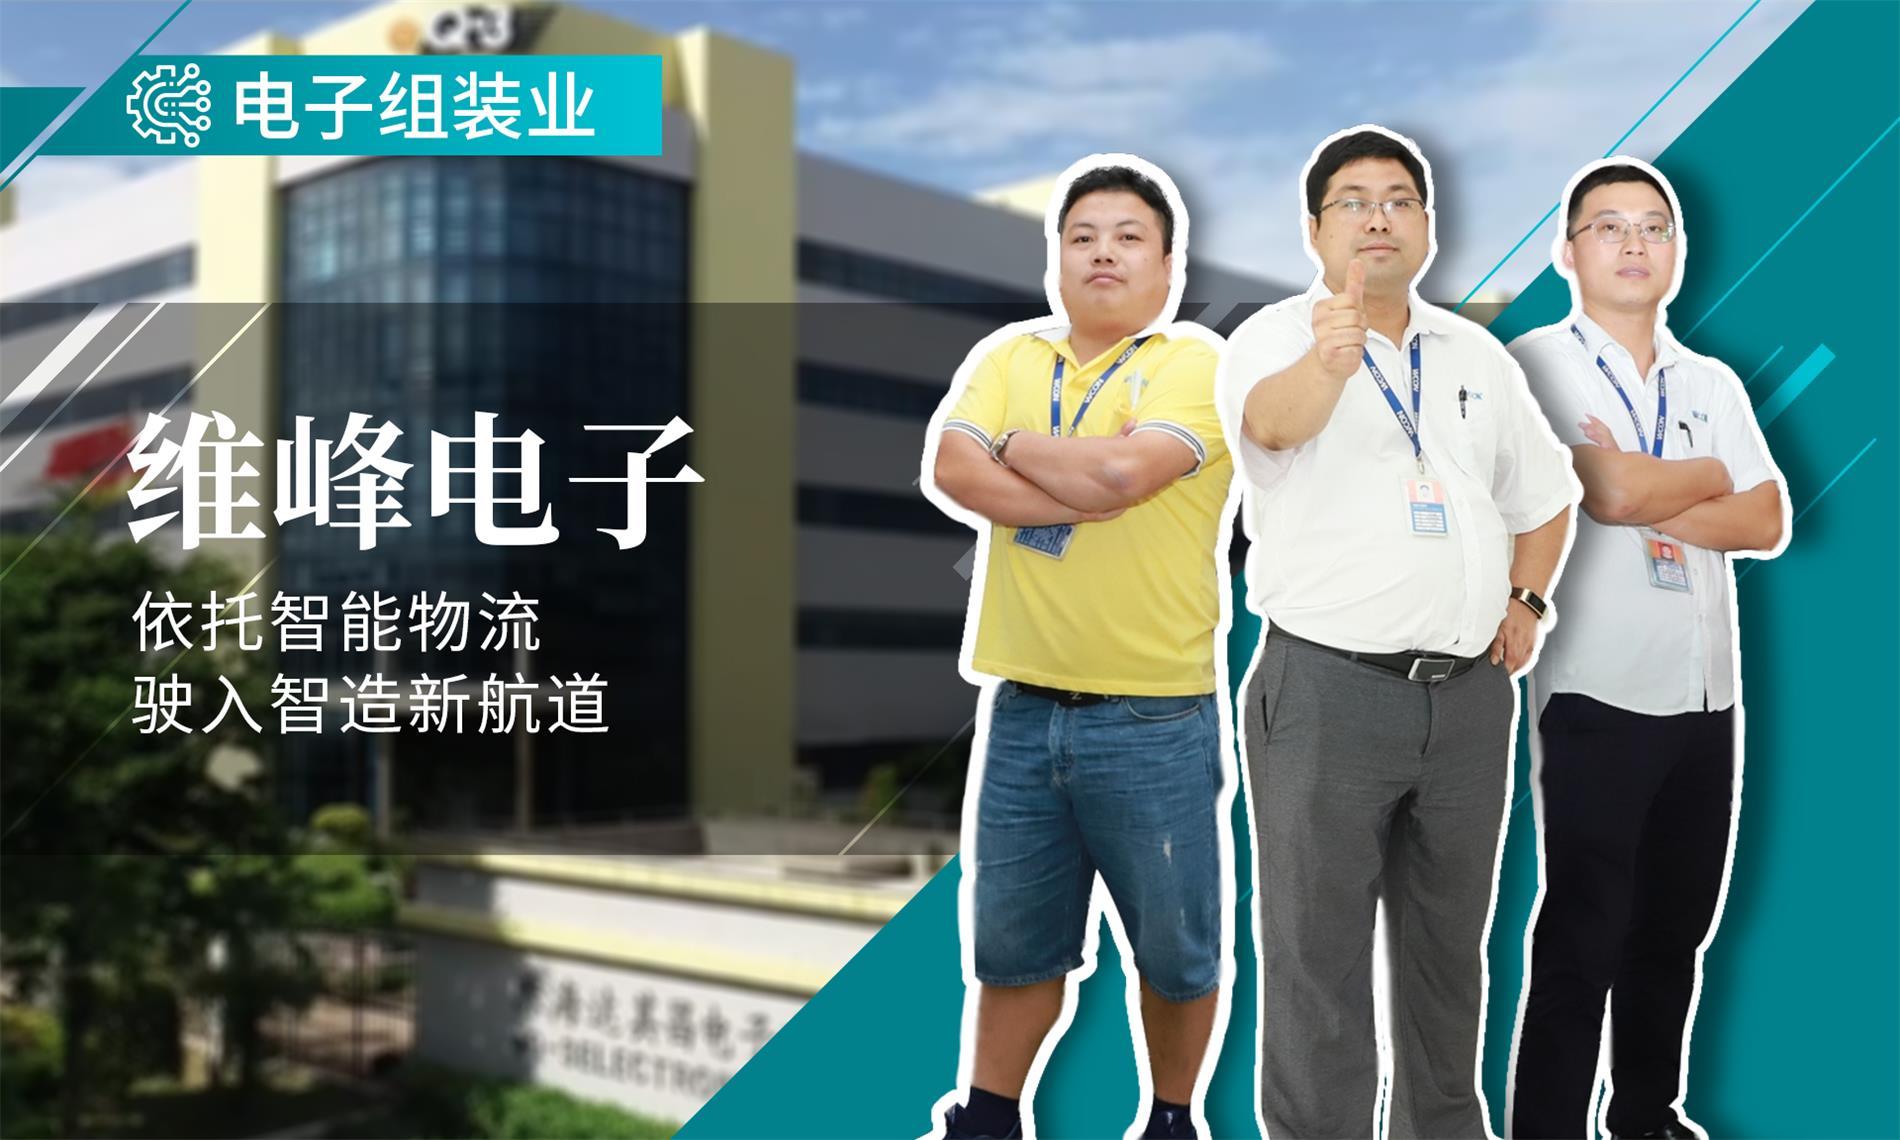 维峰电子-以厂内高技术物流打造高技术现场